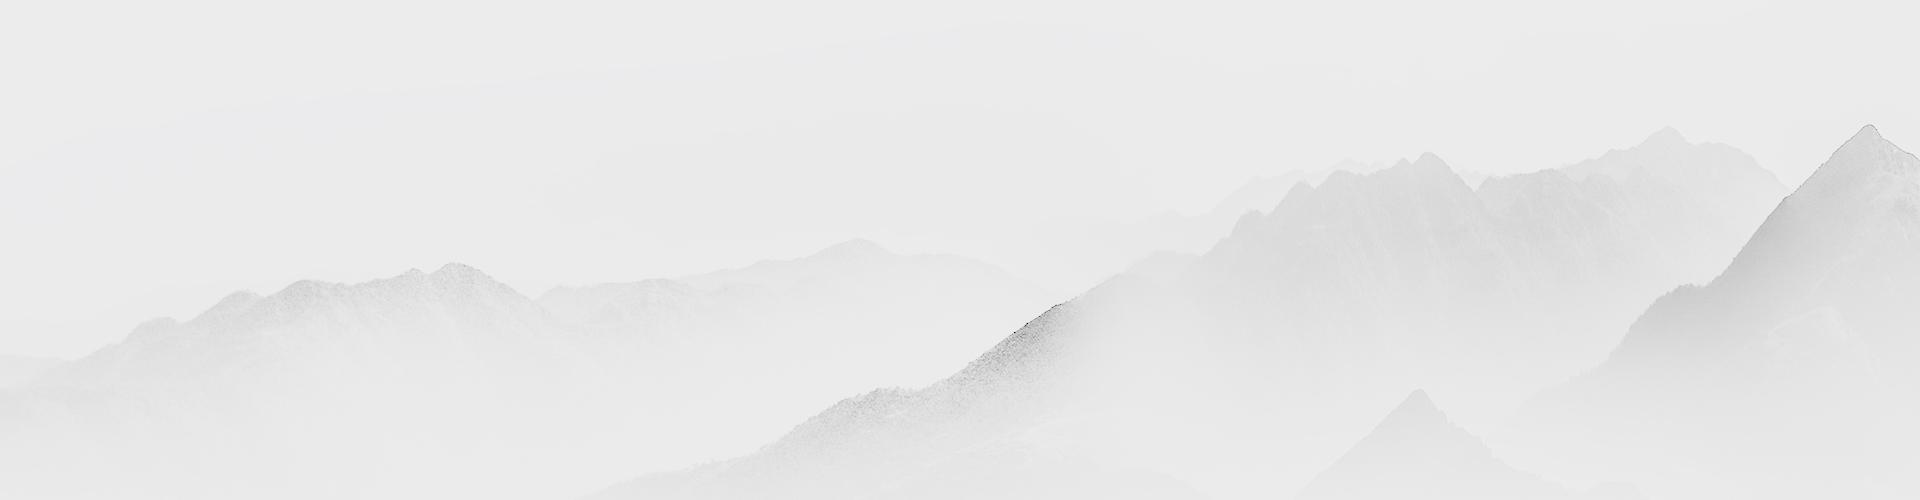 Dağ Görsel